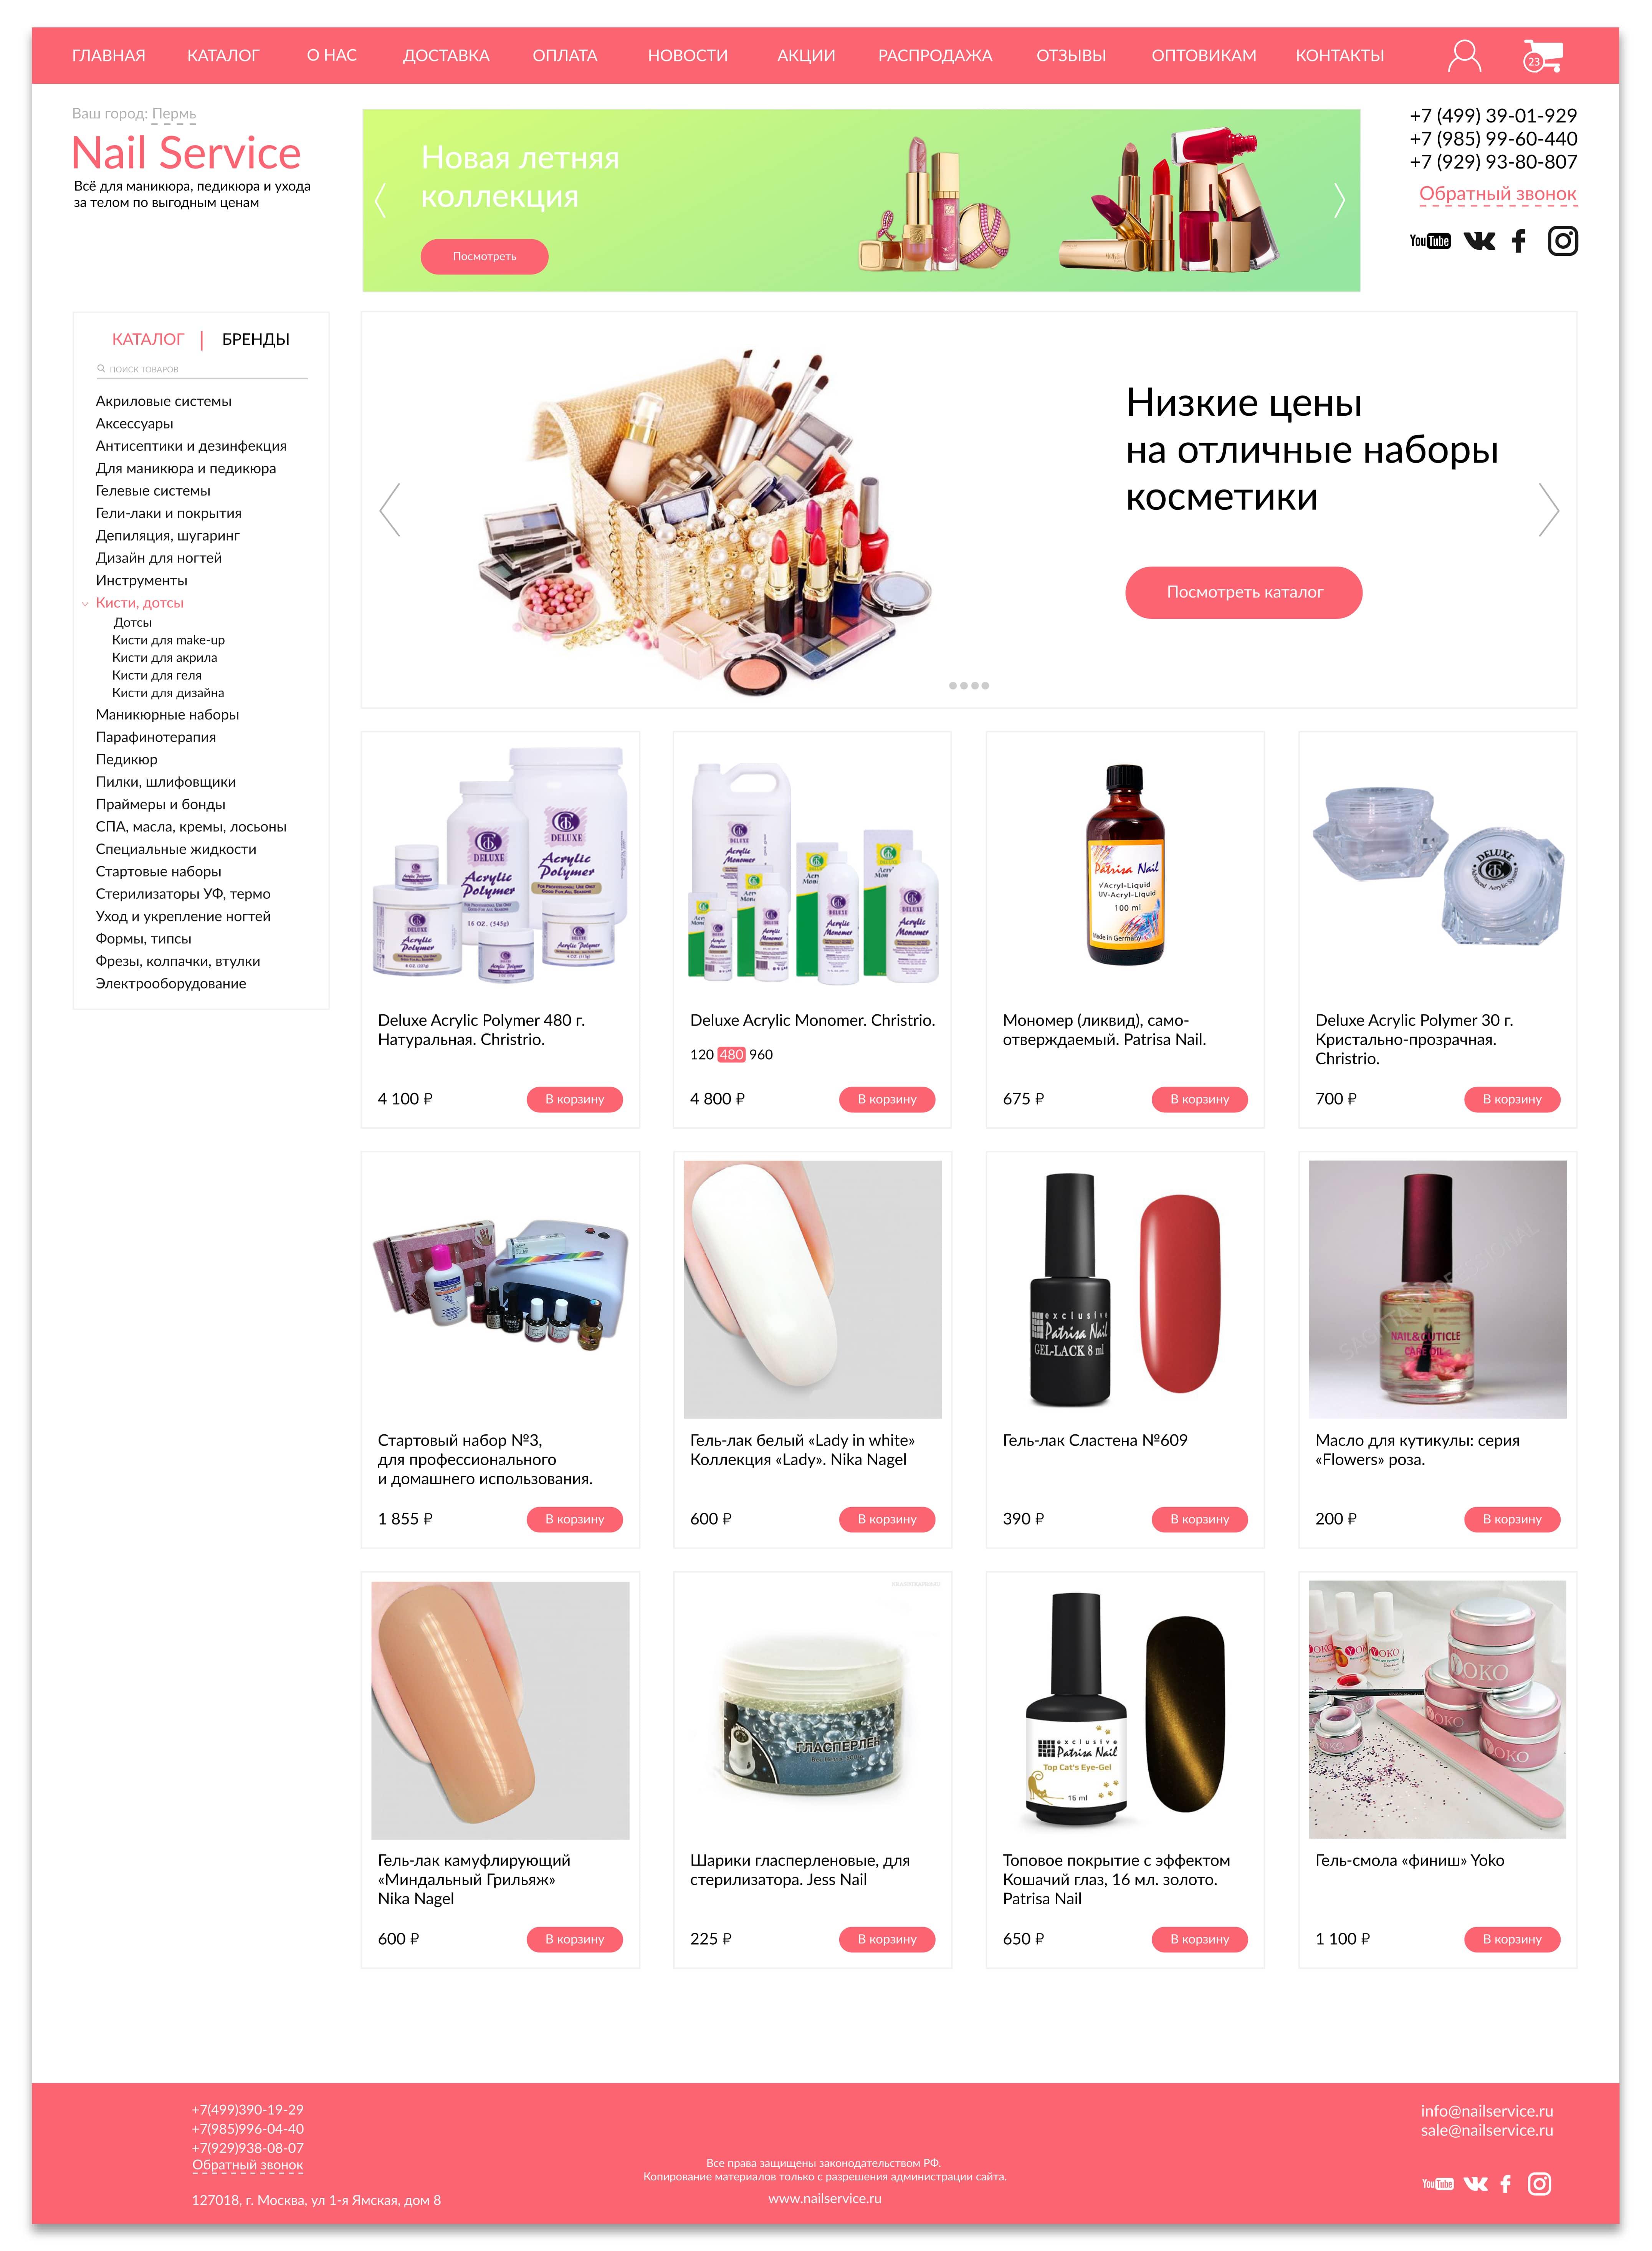 Разработка дизайна главной страницы сайта интернет-магазина фото f_4525950e407a2592.jpg